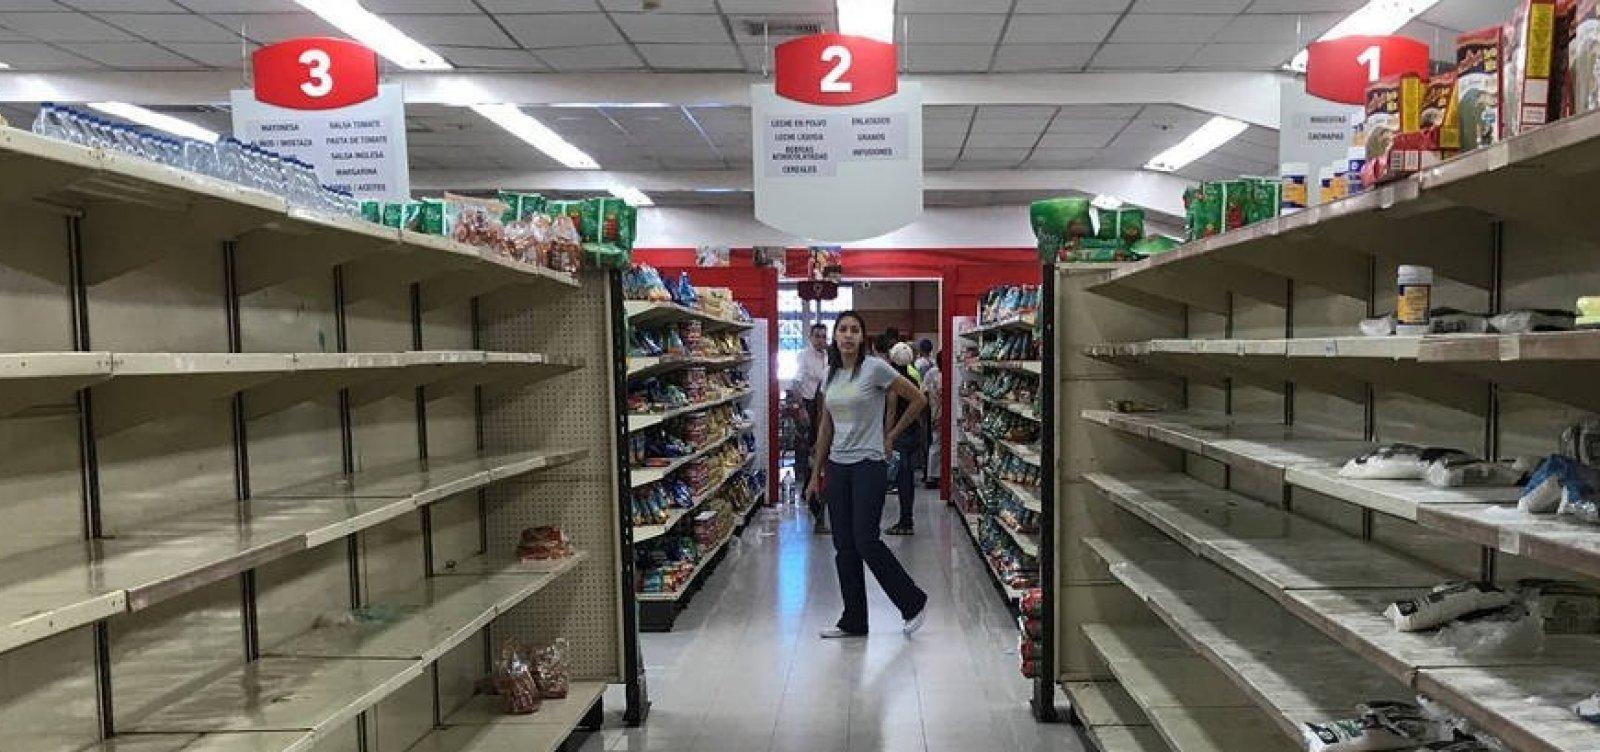 Grupos criminosos recrutam crianças venezuelanas em troca de comida